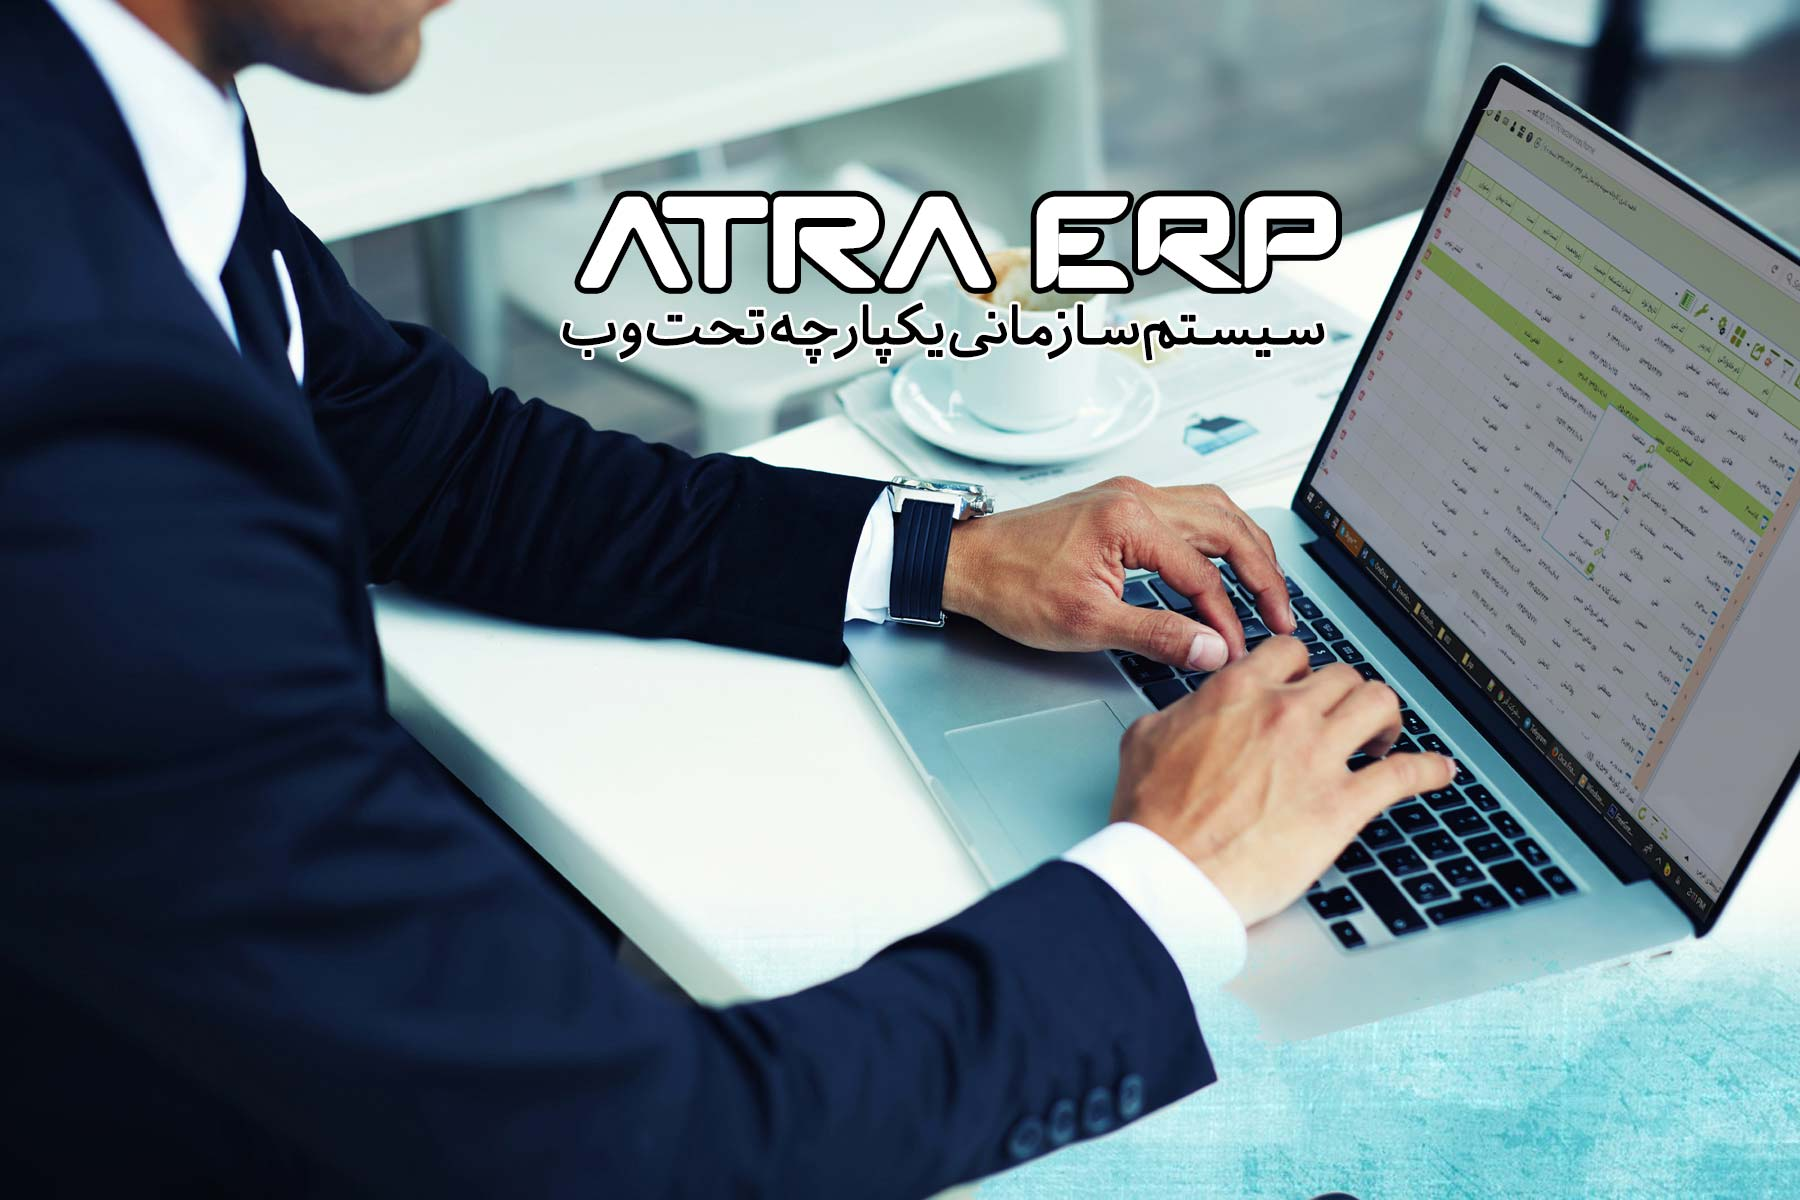 نرم افزار سازمانی ایرانی ATRA ERP